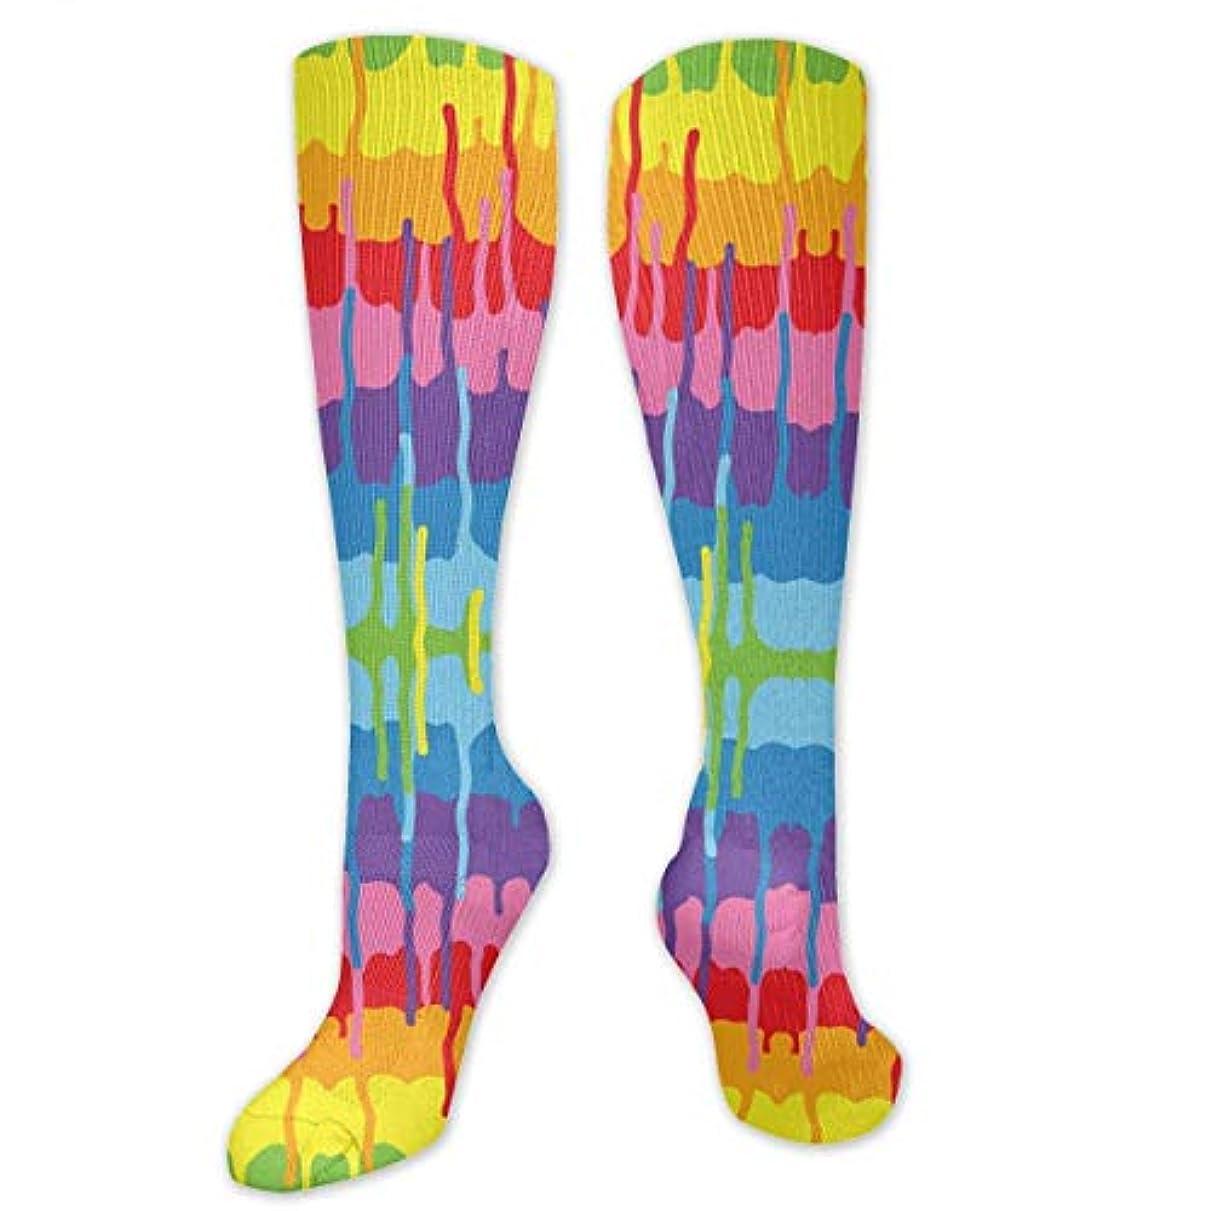 虹奨励します支店靴下,ストッキング,野生のジョーカー,実際,秋の本質,冬必須,サマーウェア&RBXAA Rainbow Paint Socks Women's Winter Cotton Long Tube Socks Cotton Solid...